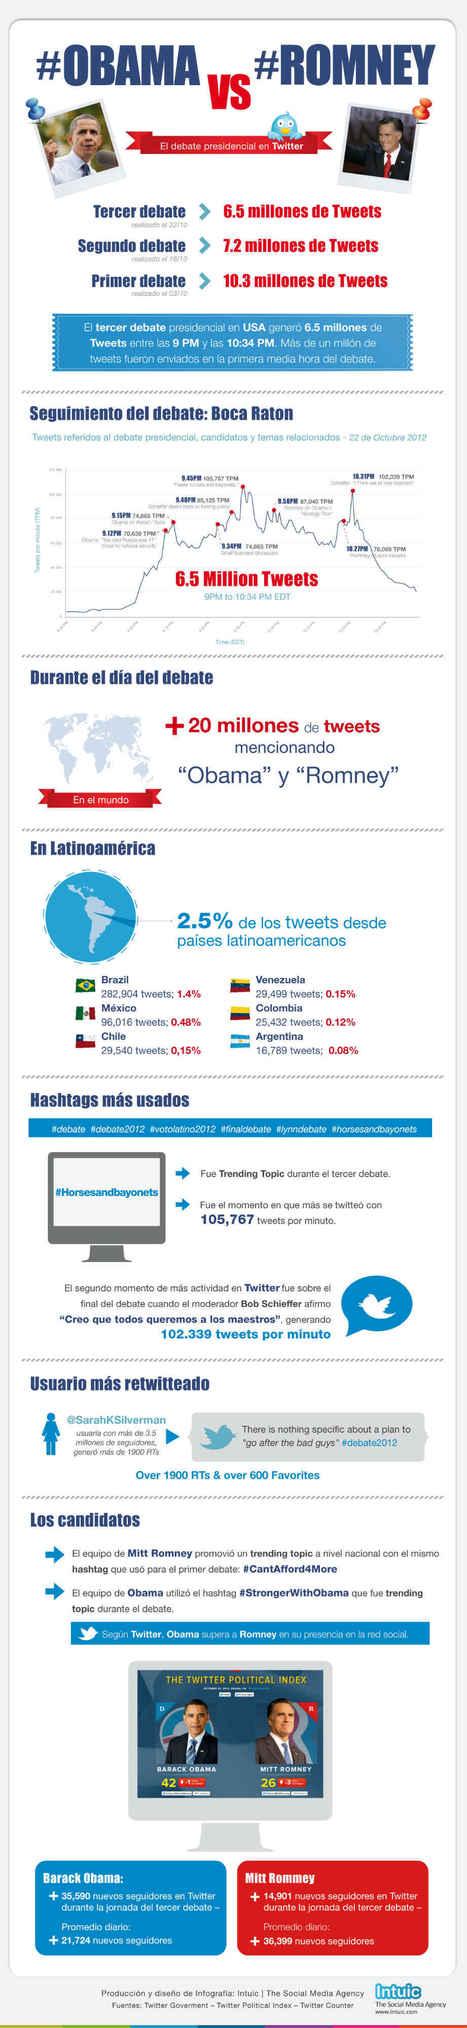 RunRun.es - » Campaña electoral en Redes Sociales: Obama vs Romney | Obama-Romney | Scoop.it